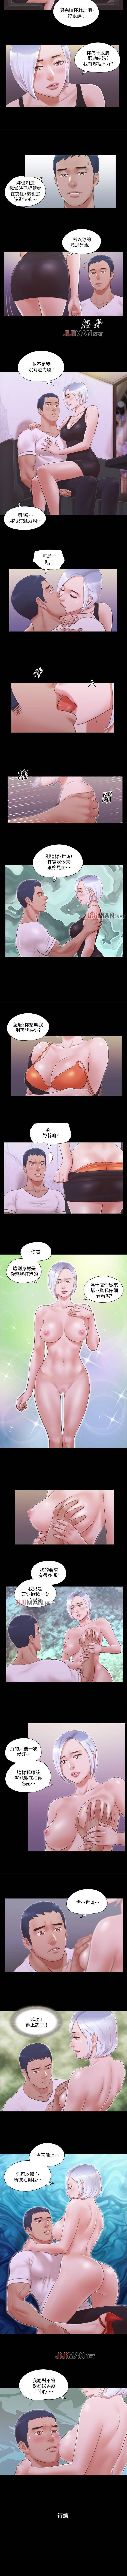 【周五连载】协议换爱(作者:遠德) 第1~62话 86